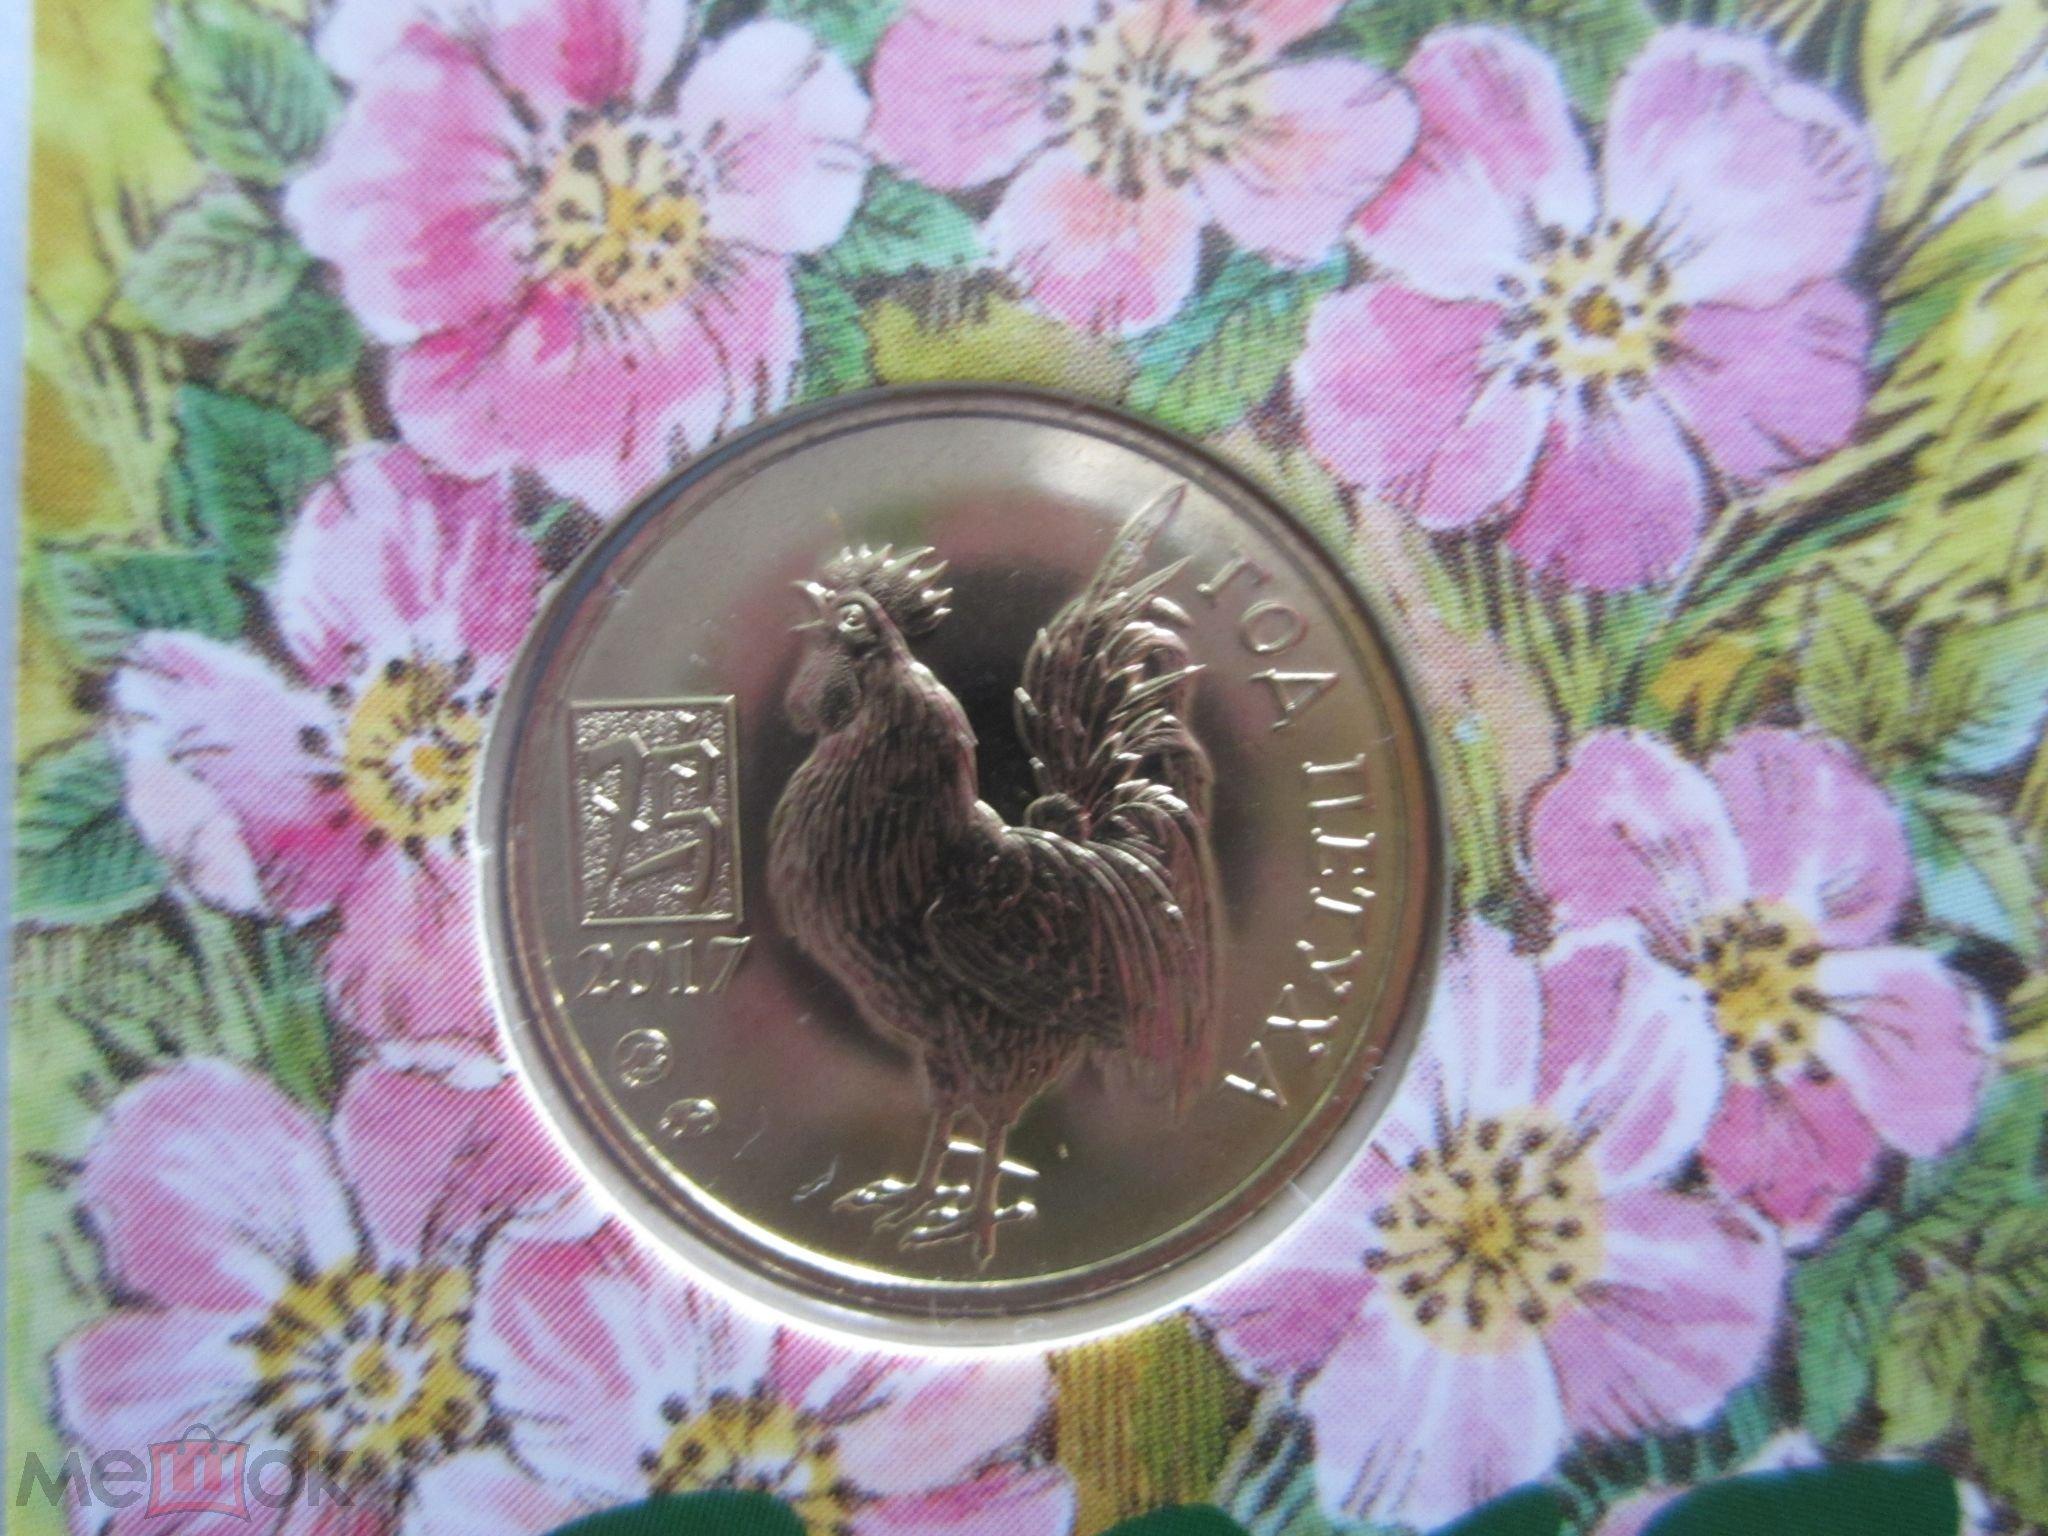 Календарик Год Петуха с жетоном ММД, вариант 3, латунь, UNC